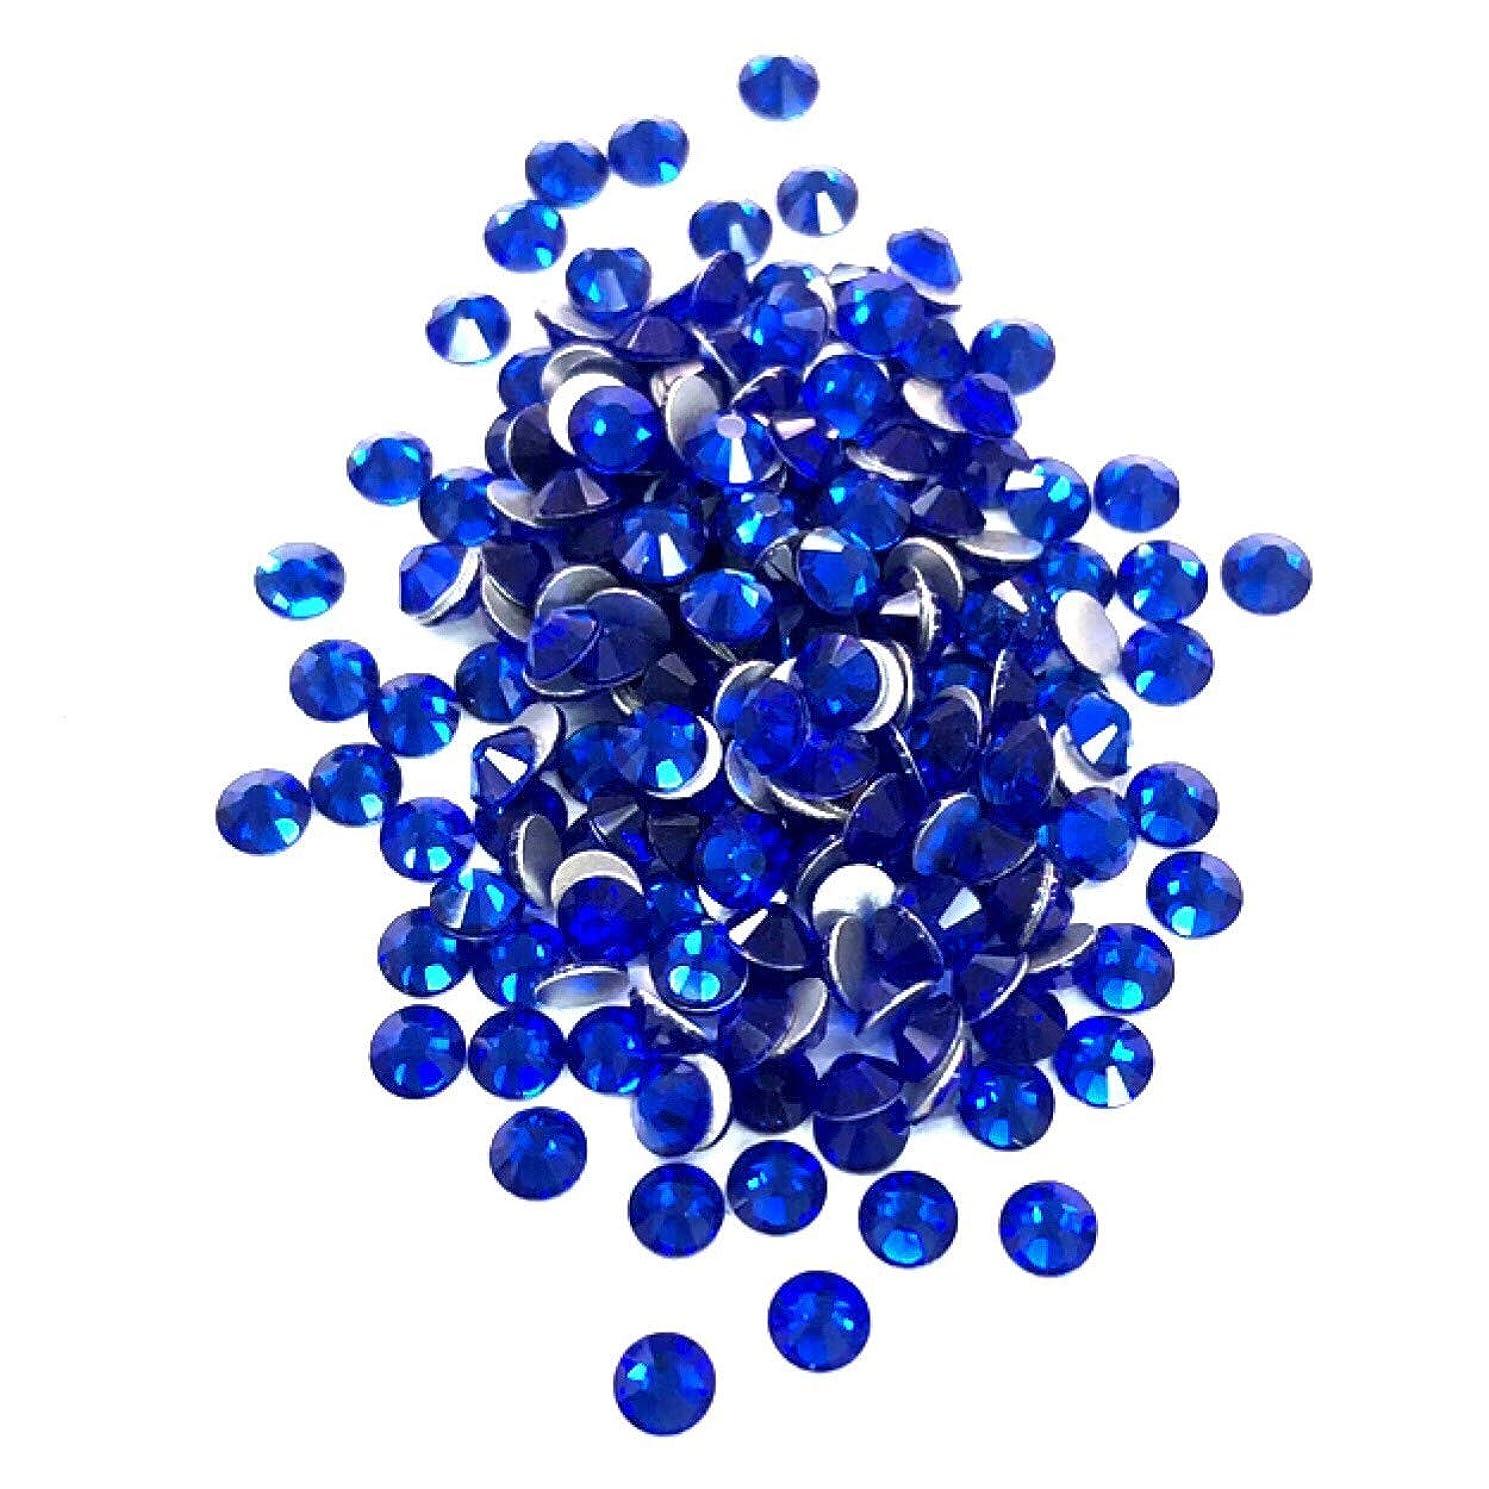 ガラガラ含意放射する【ネイルウーマン】最高品質ガラスストーン!スワロ同等の輝き! サファイア ブルー 青色 (約100粒入り) (サファイア) (SS3, サファイア)